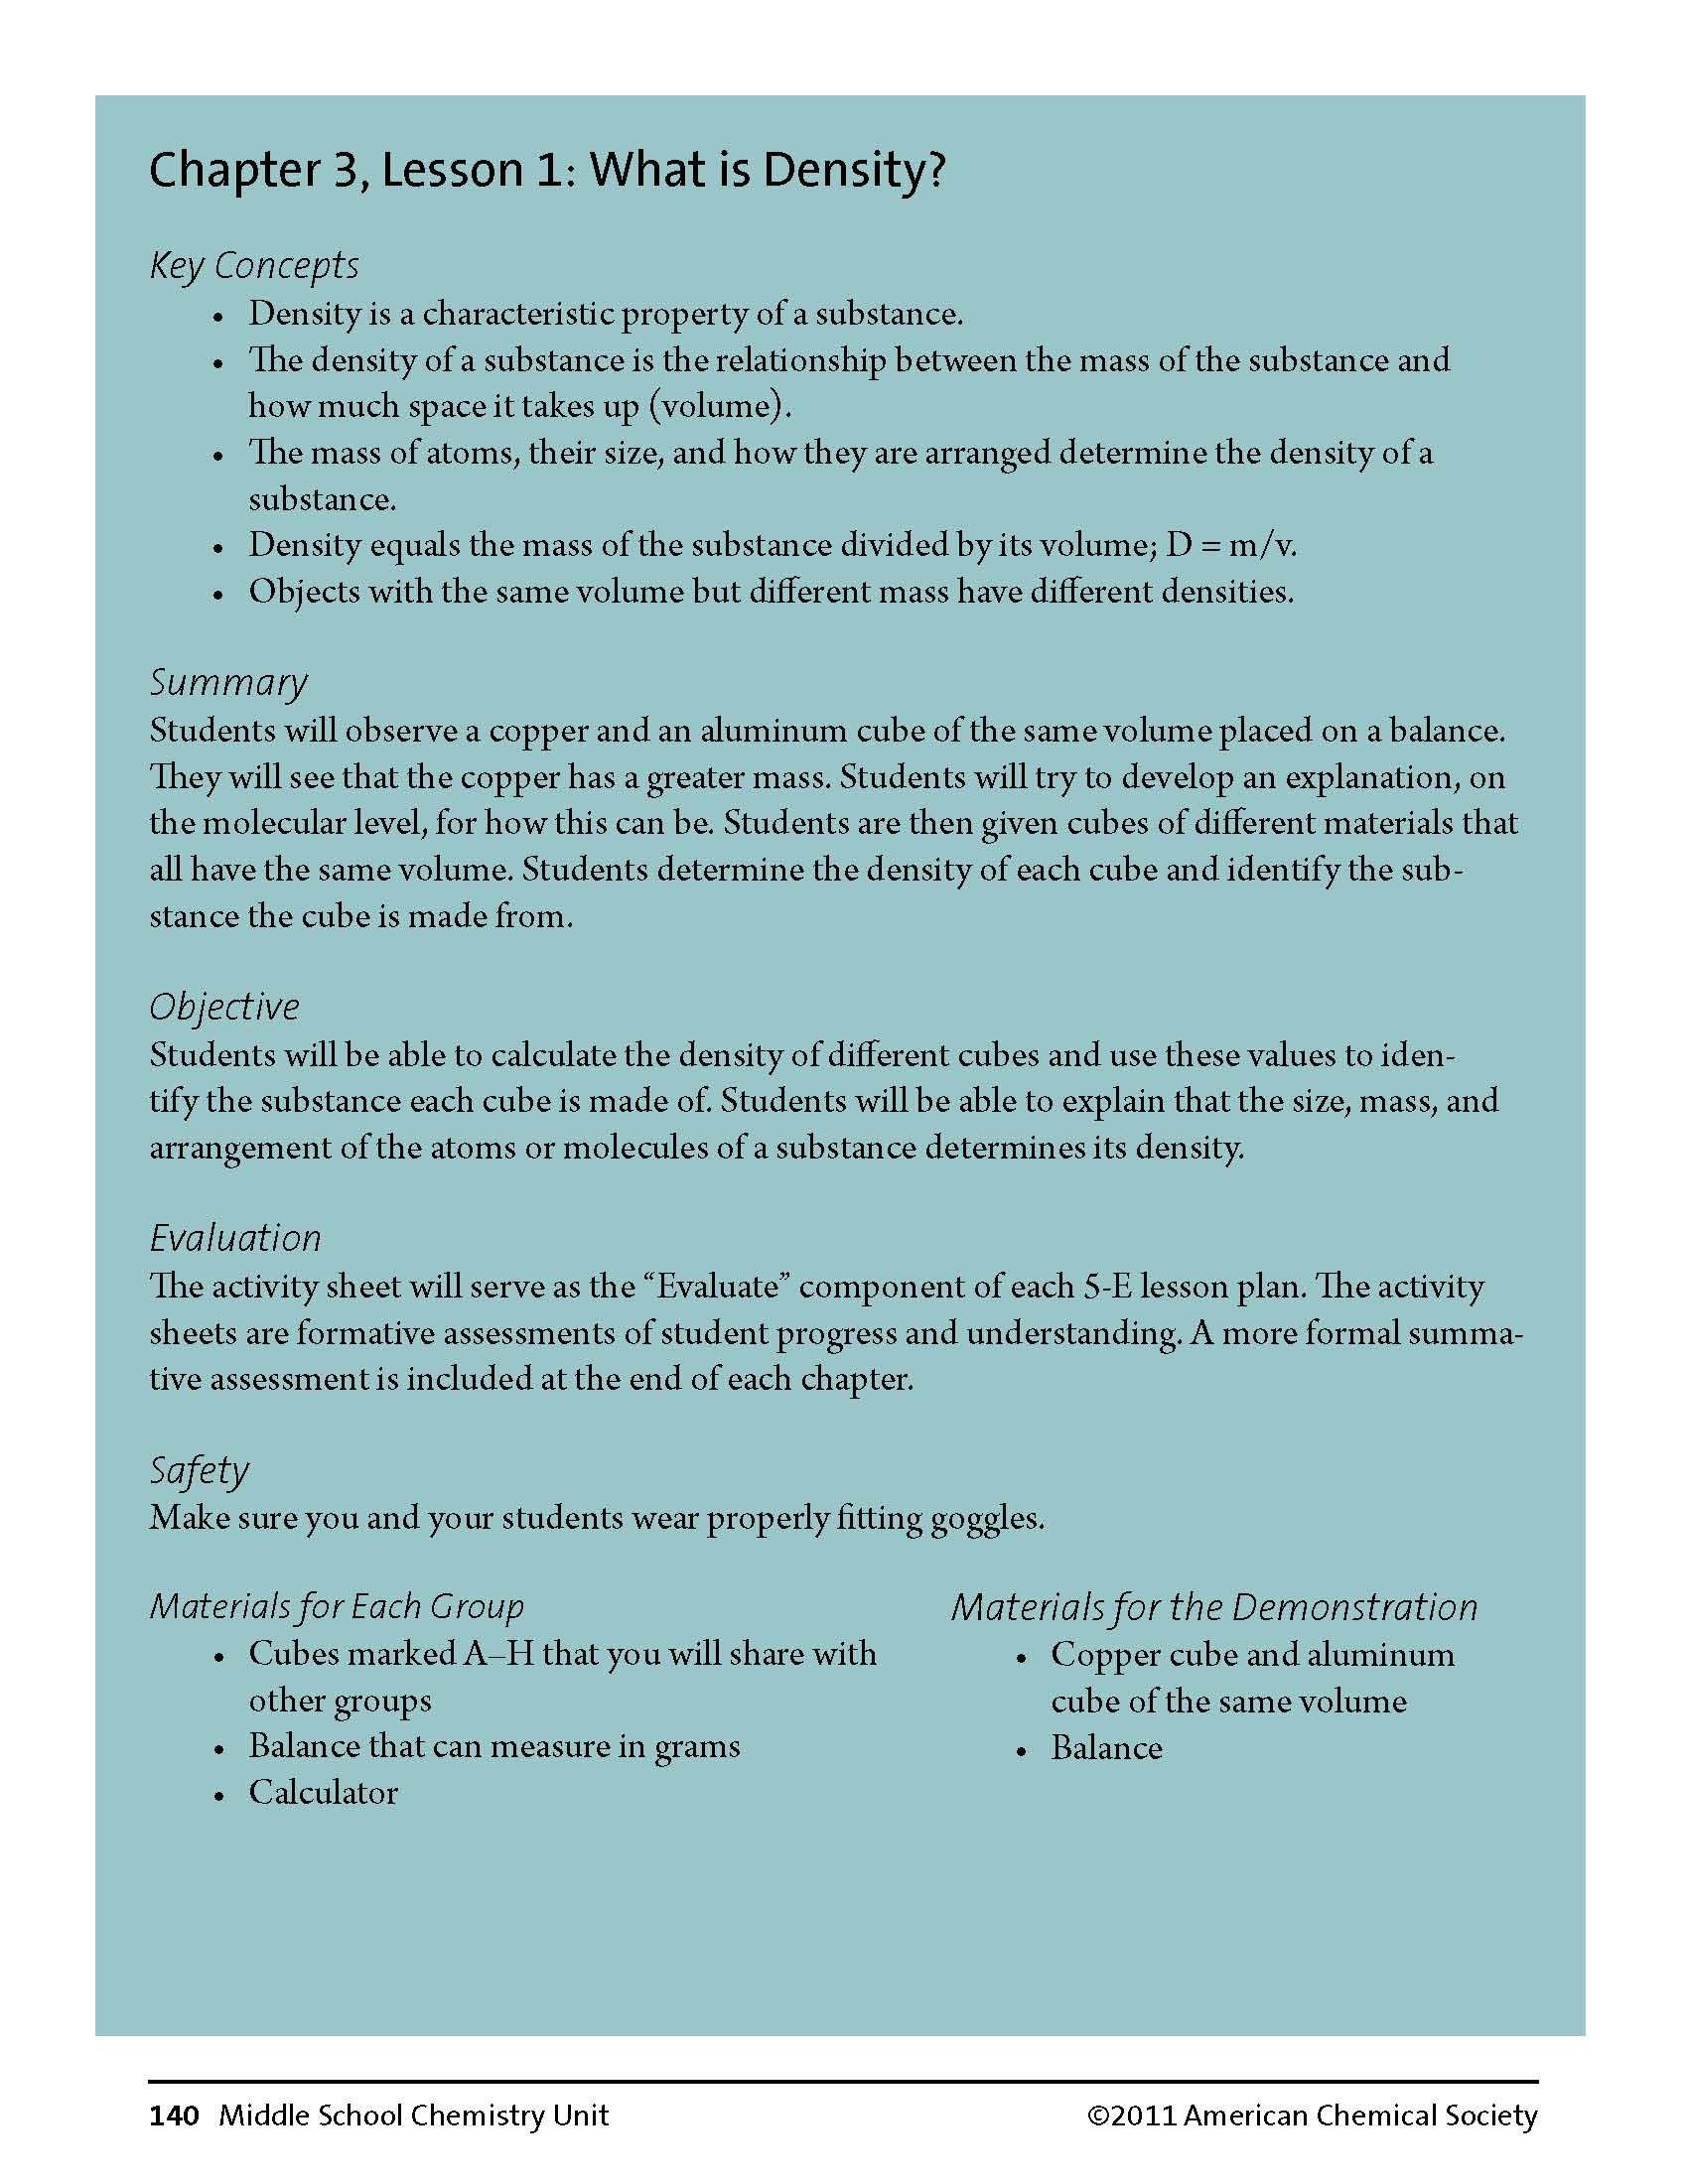 worksheet. Density Worksheet Middle School. Worksheet Fun Worksheet ...